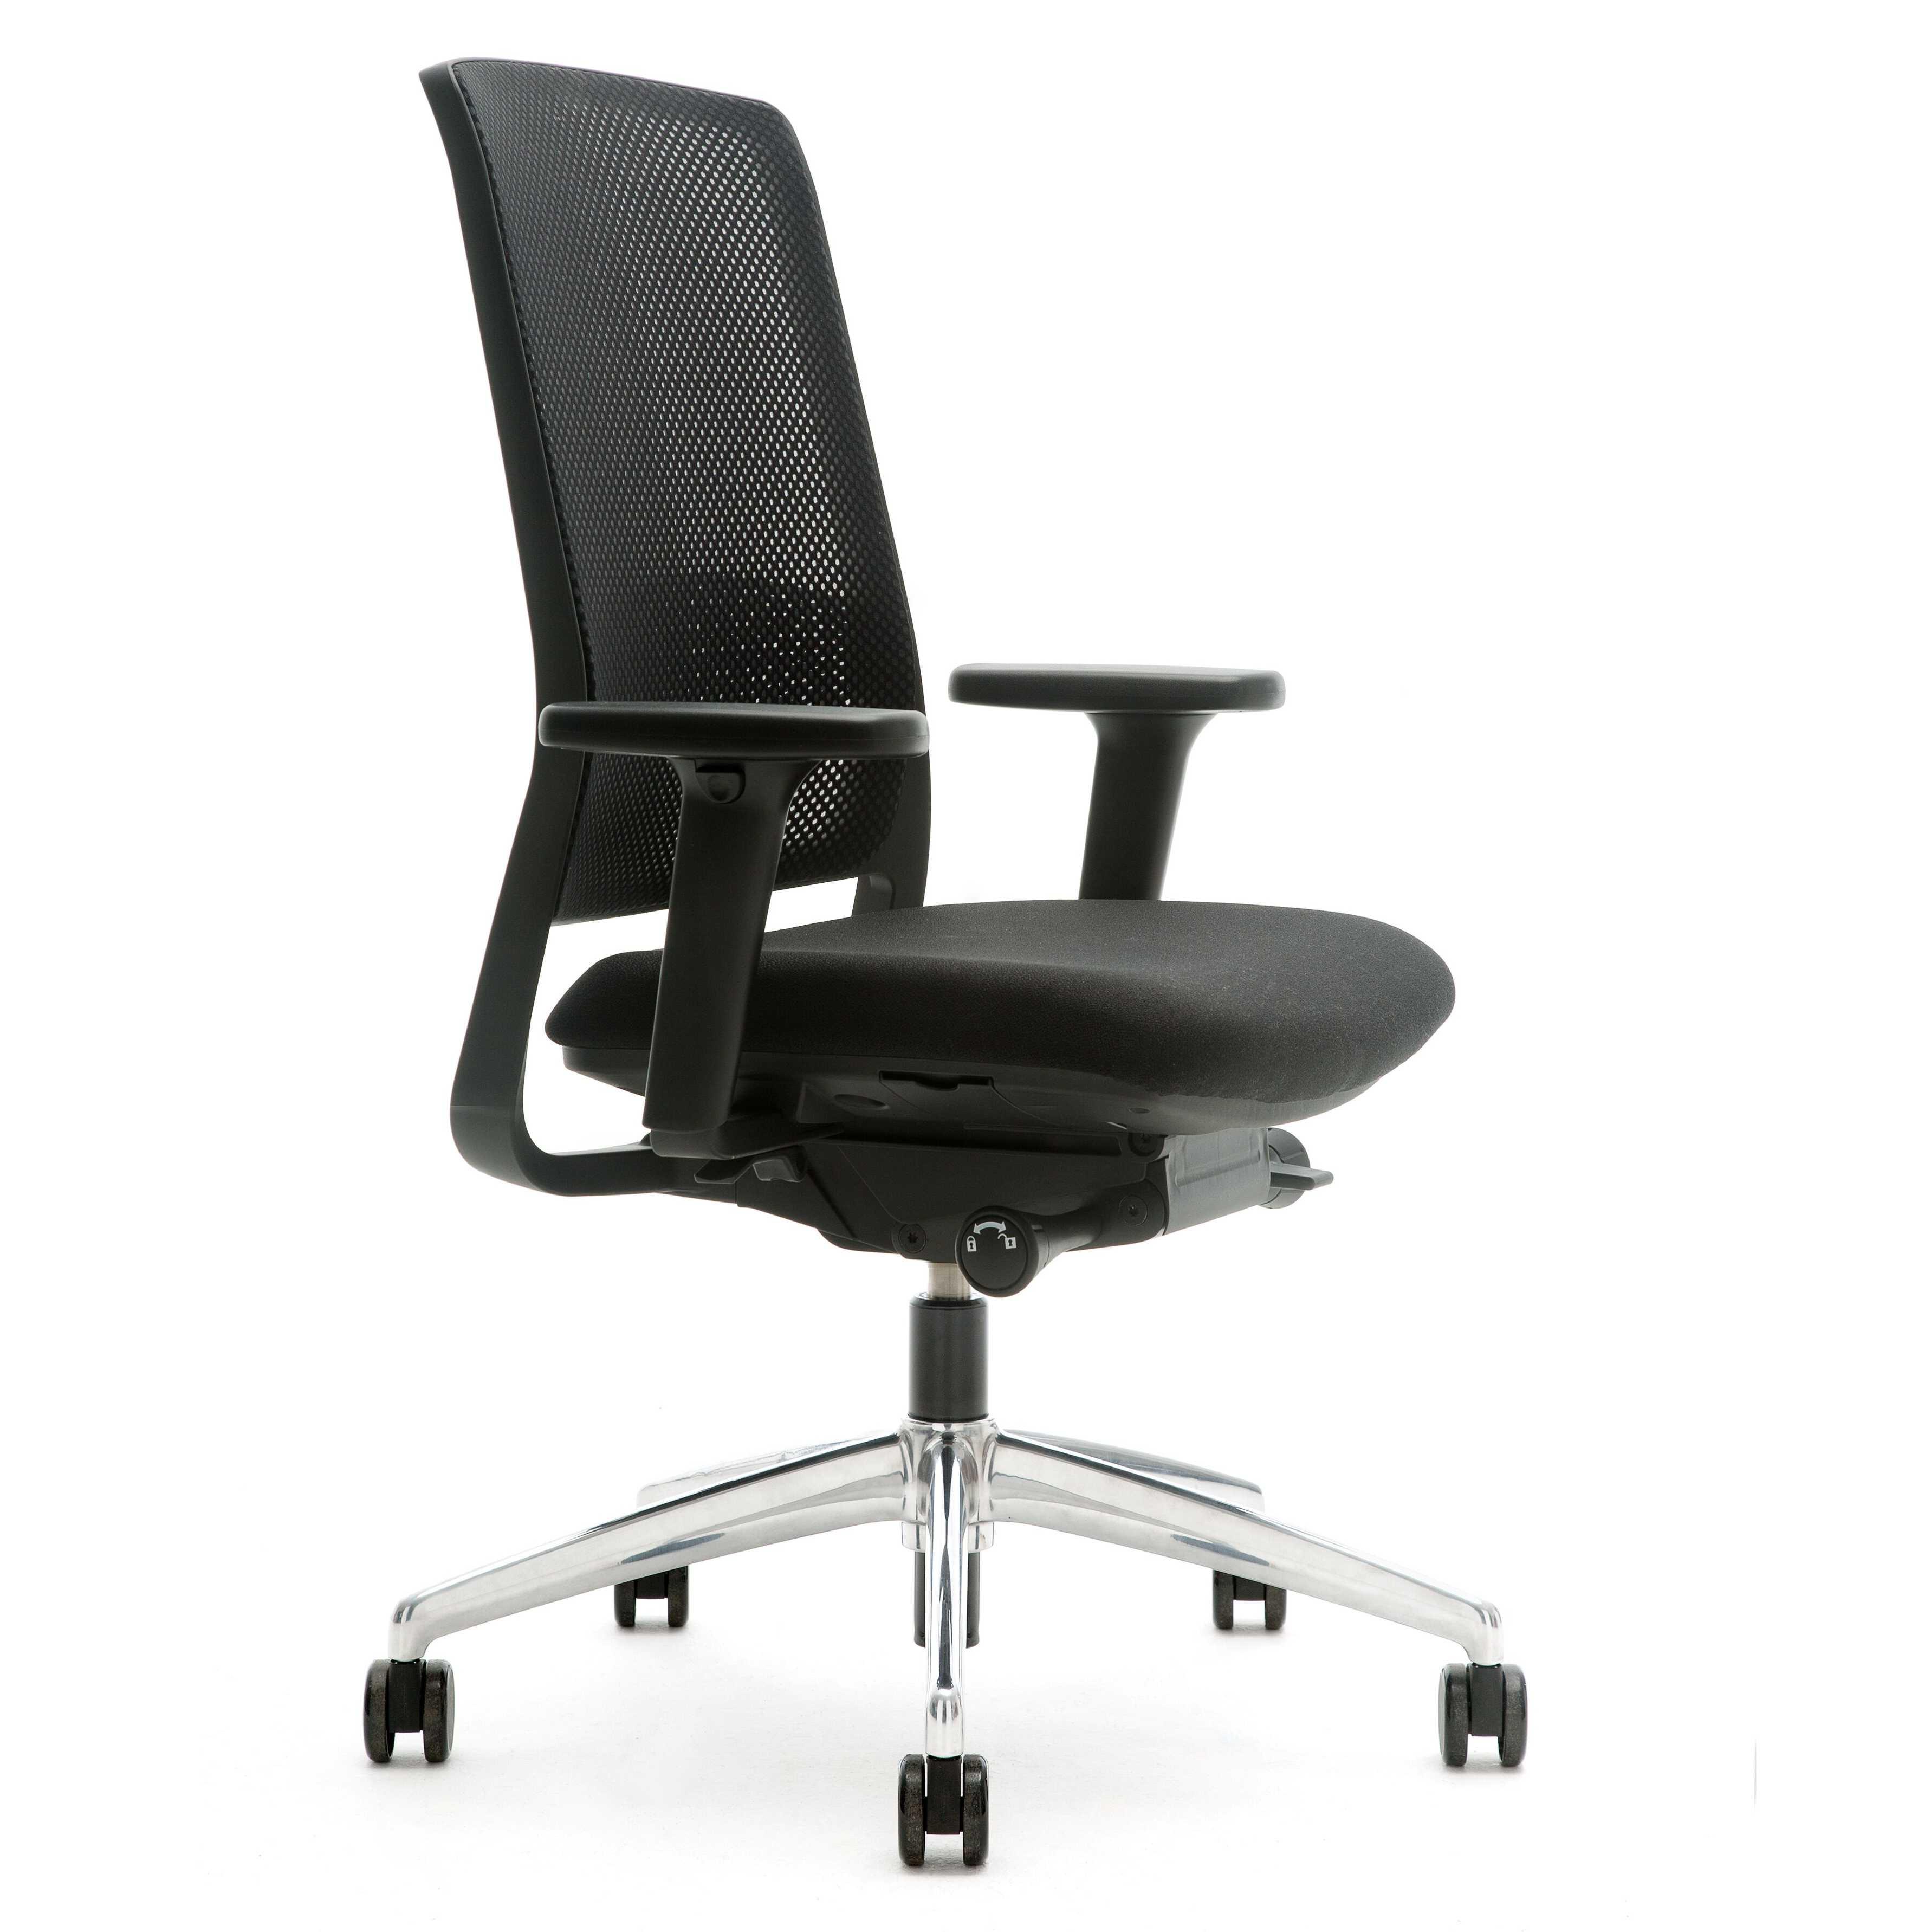 Gispen Zinn Bureaustoel.Gispen Zinn Smart Bureaustoel Flinders Verzendt Gratis